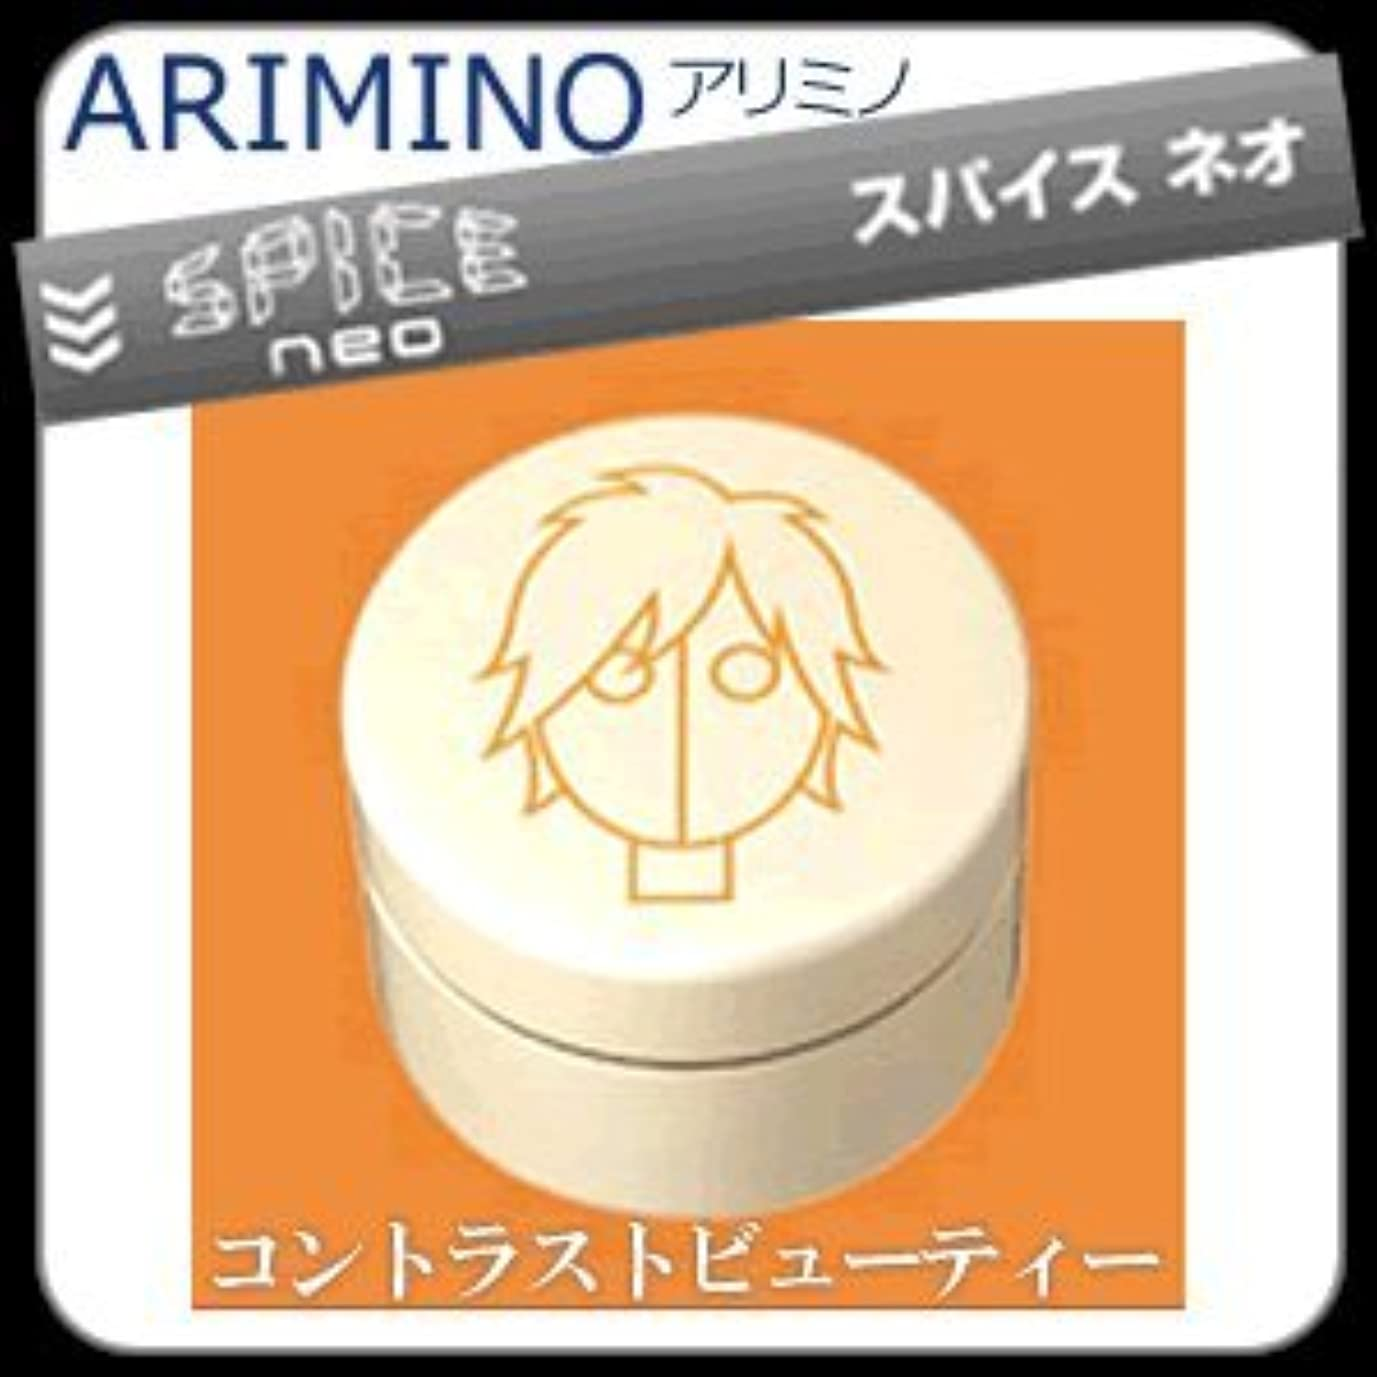 僕の気晴らし競う【X2個セット】 アリミノ スパイスネオ LIGHT HARD-WAX ライトハードワックス 100g ARIMINO SPICE neo